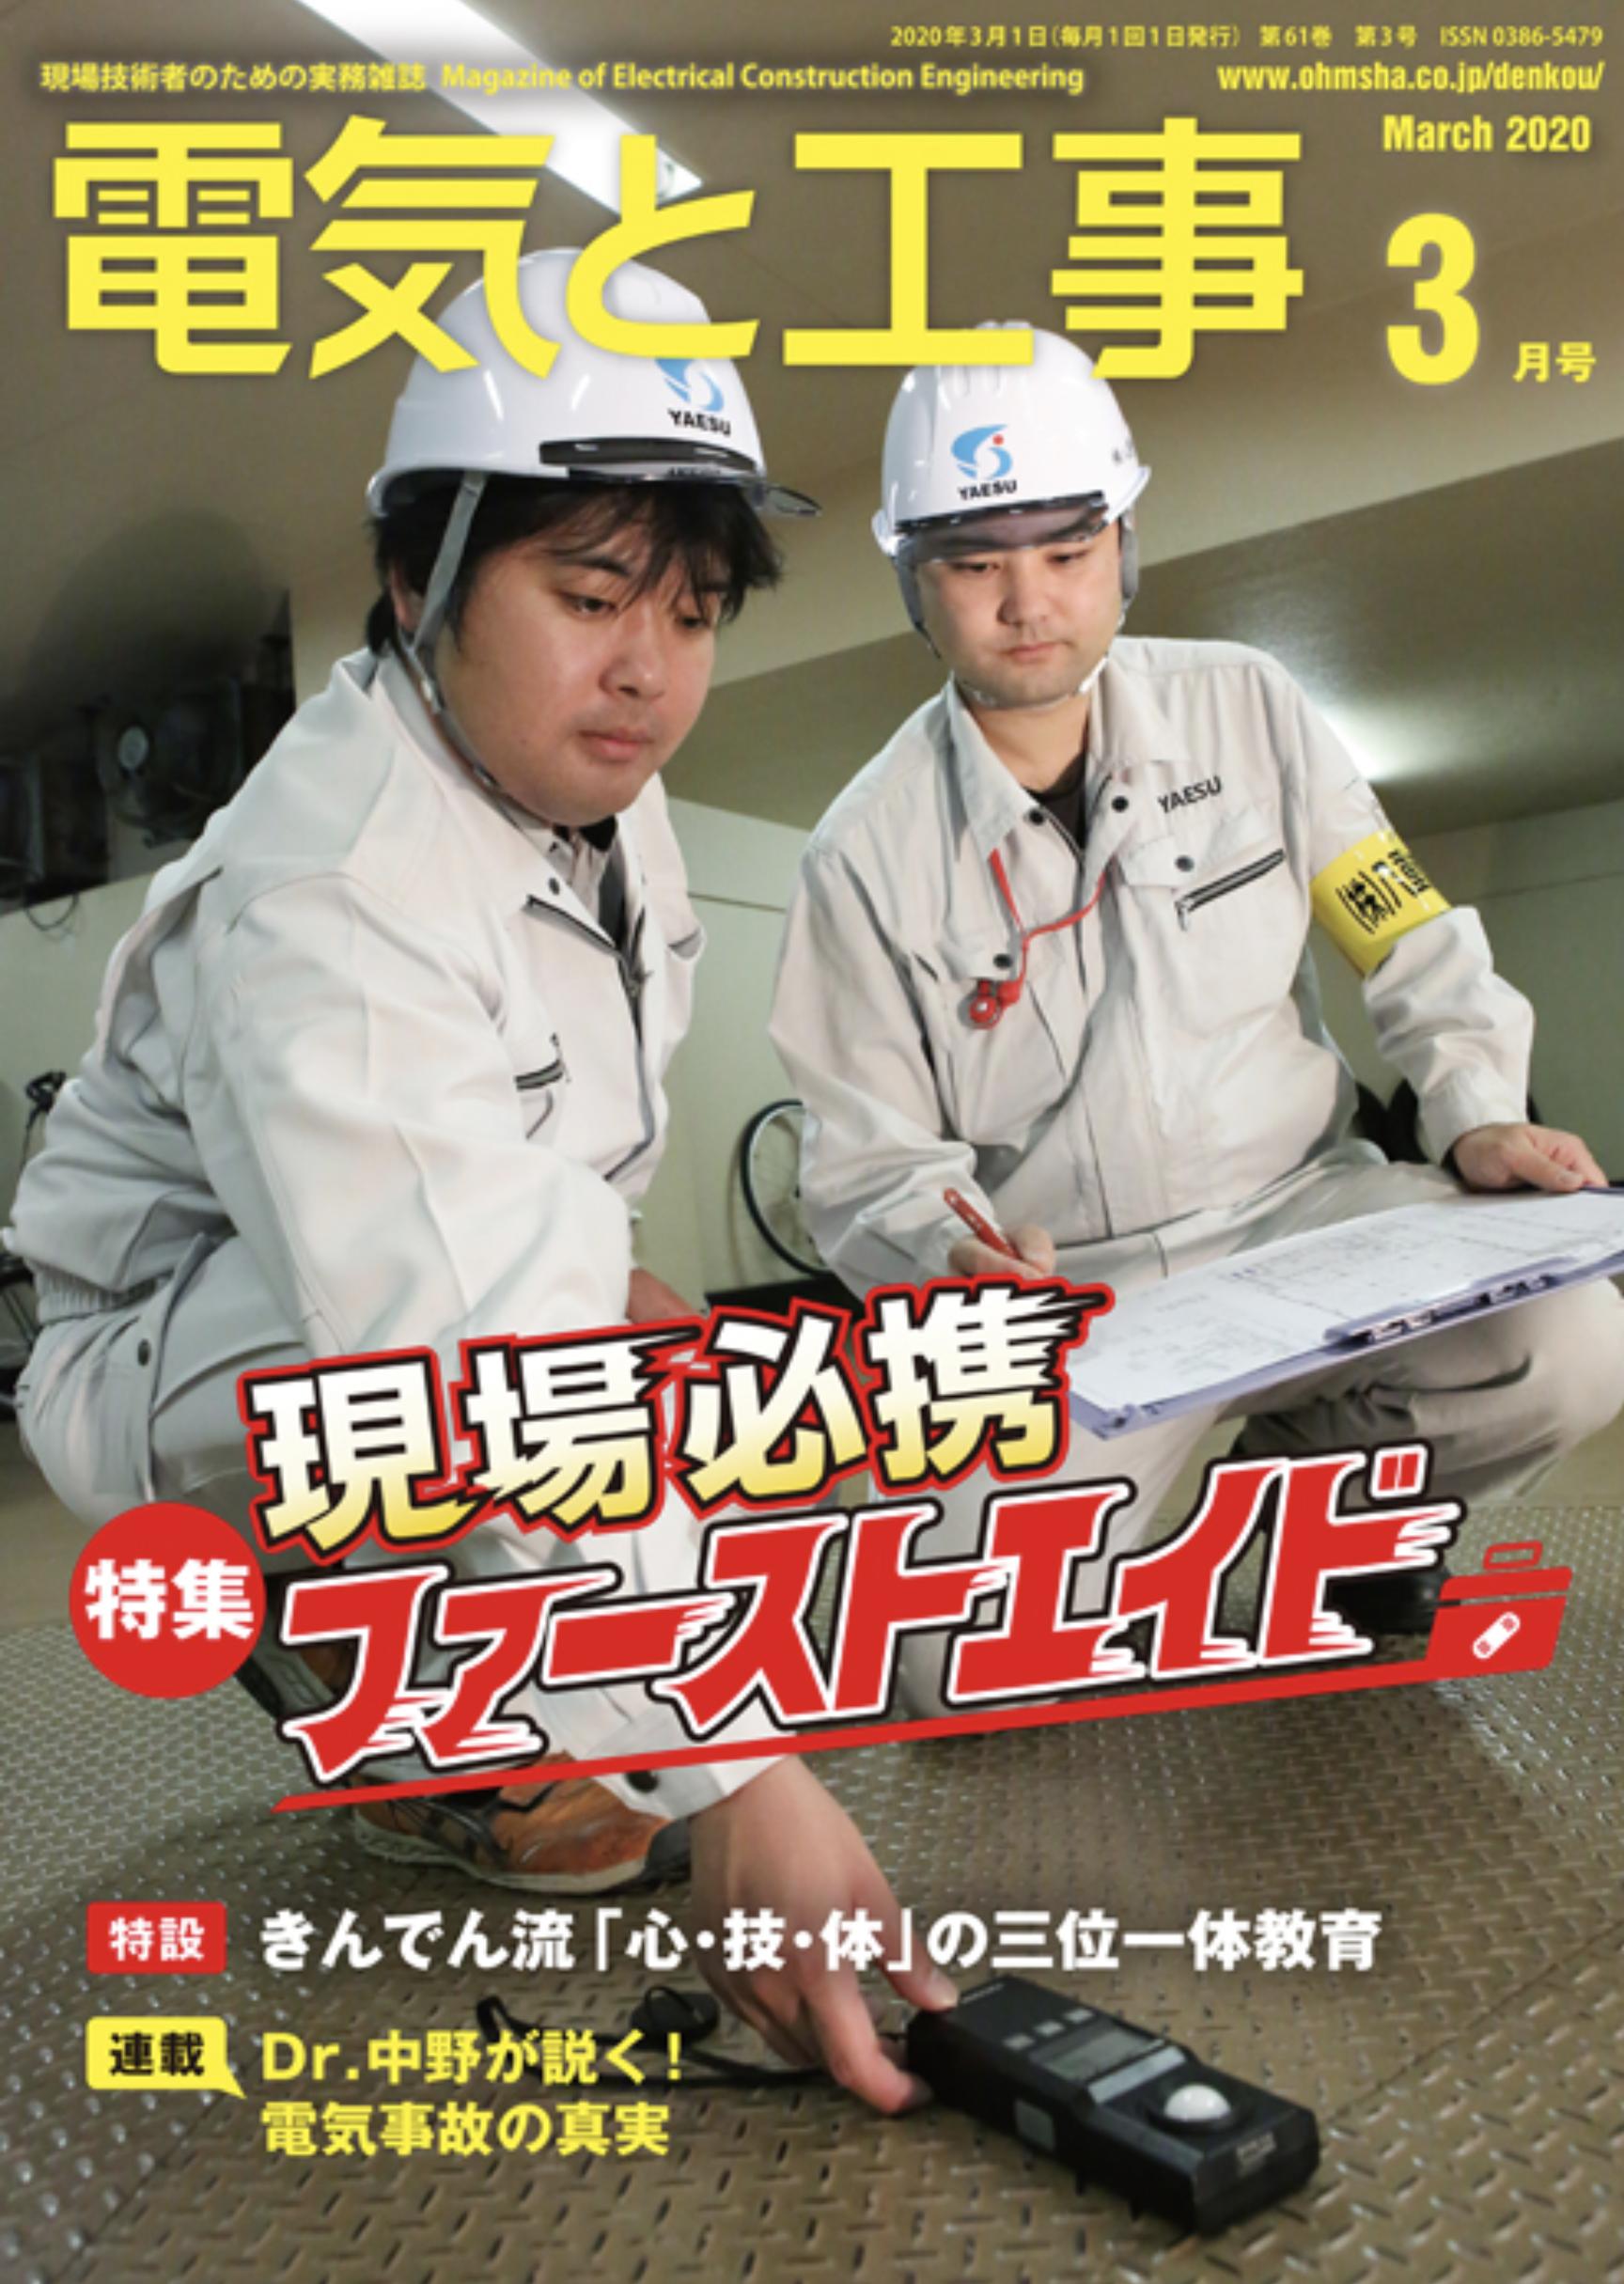 【新刊トピックス 2020年2月号】電気と工事 2020年3月号 (第61巻第3号通巻797号)の画像